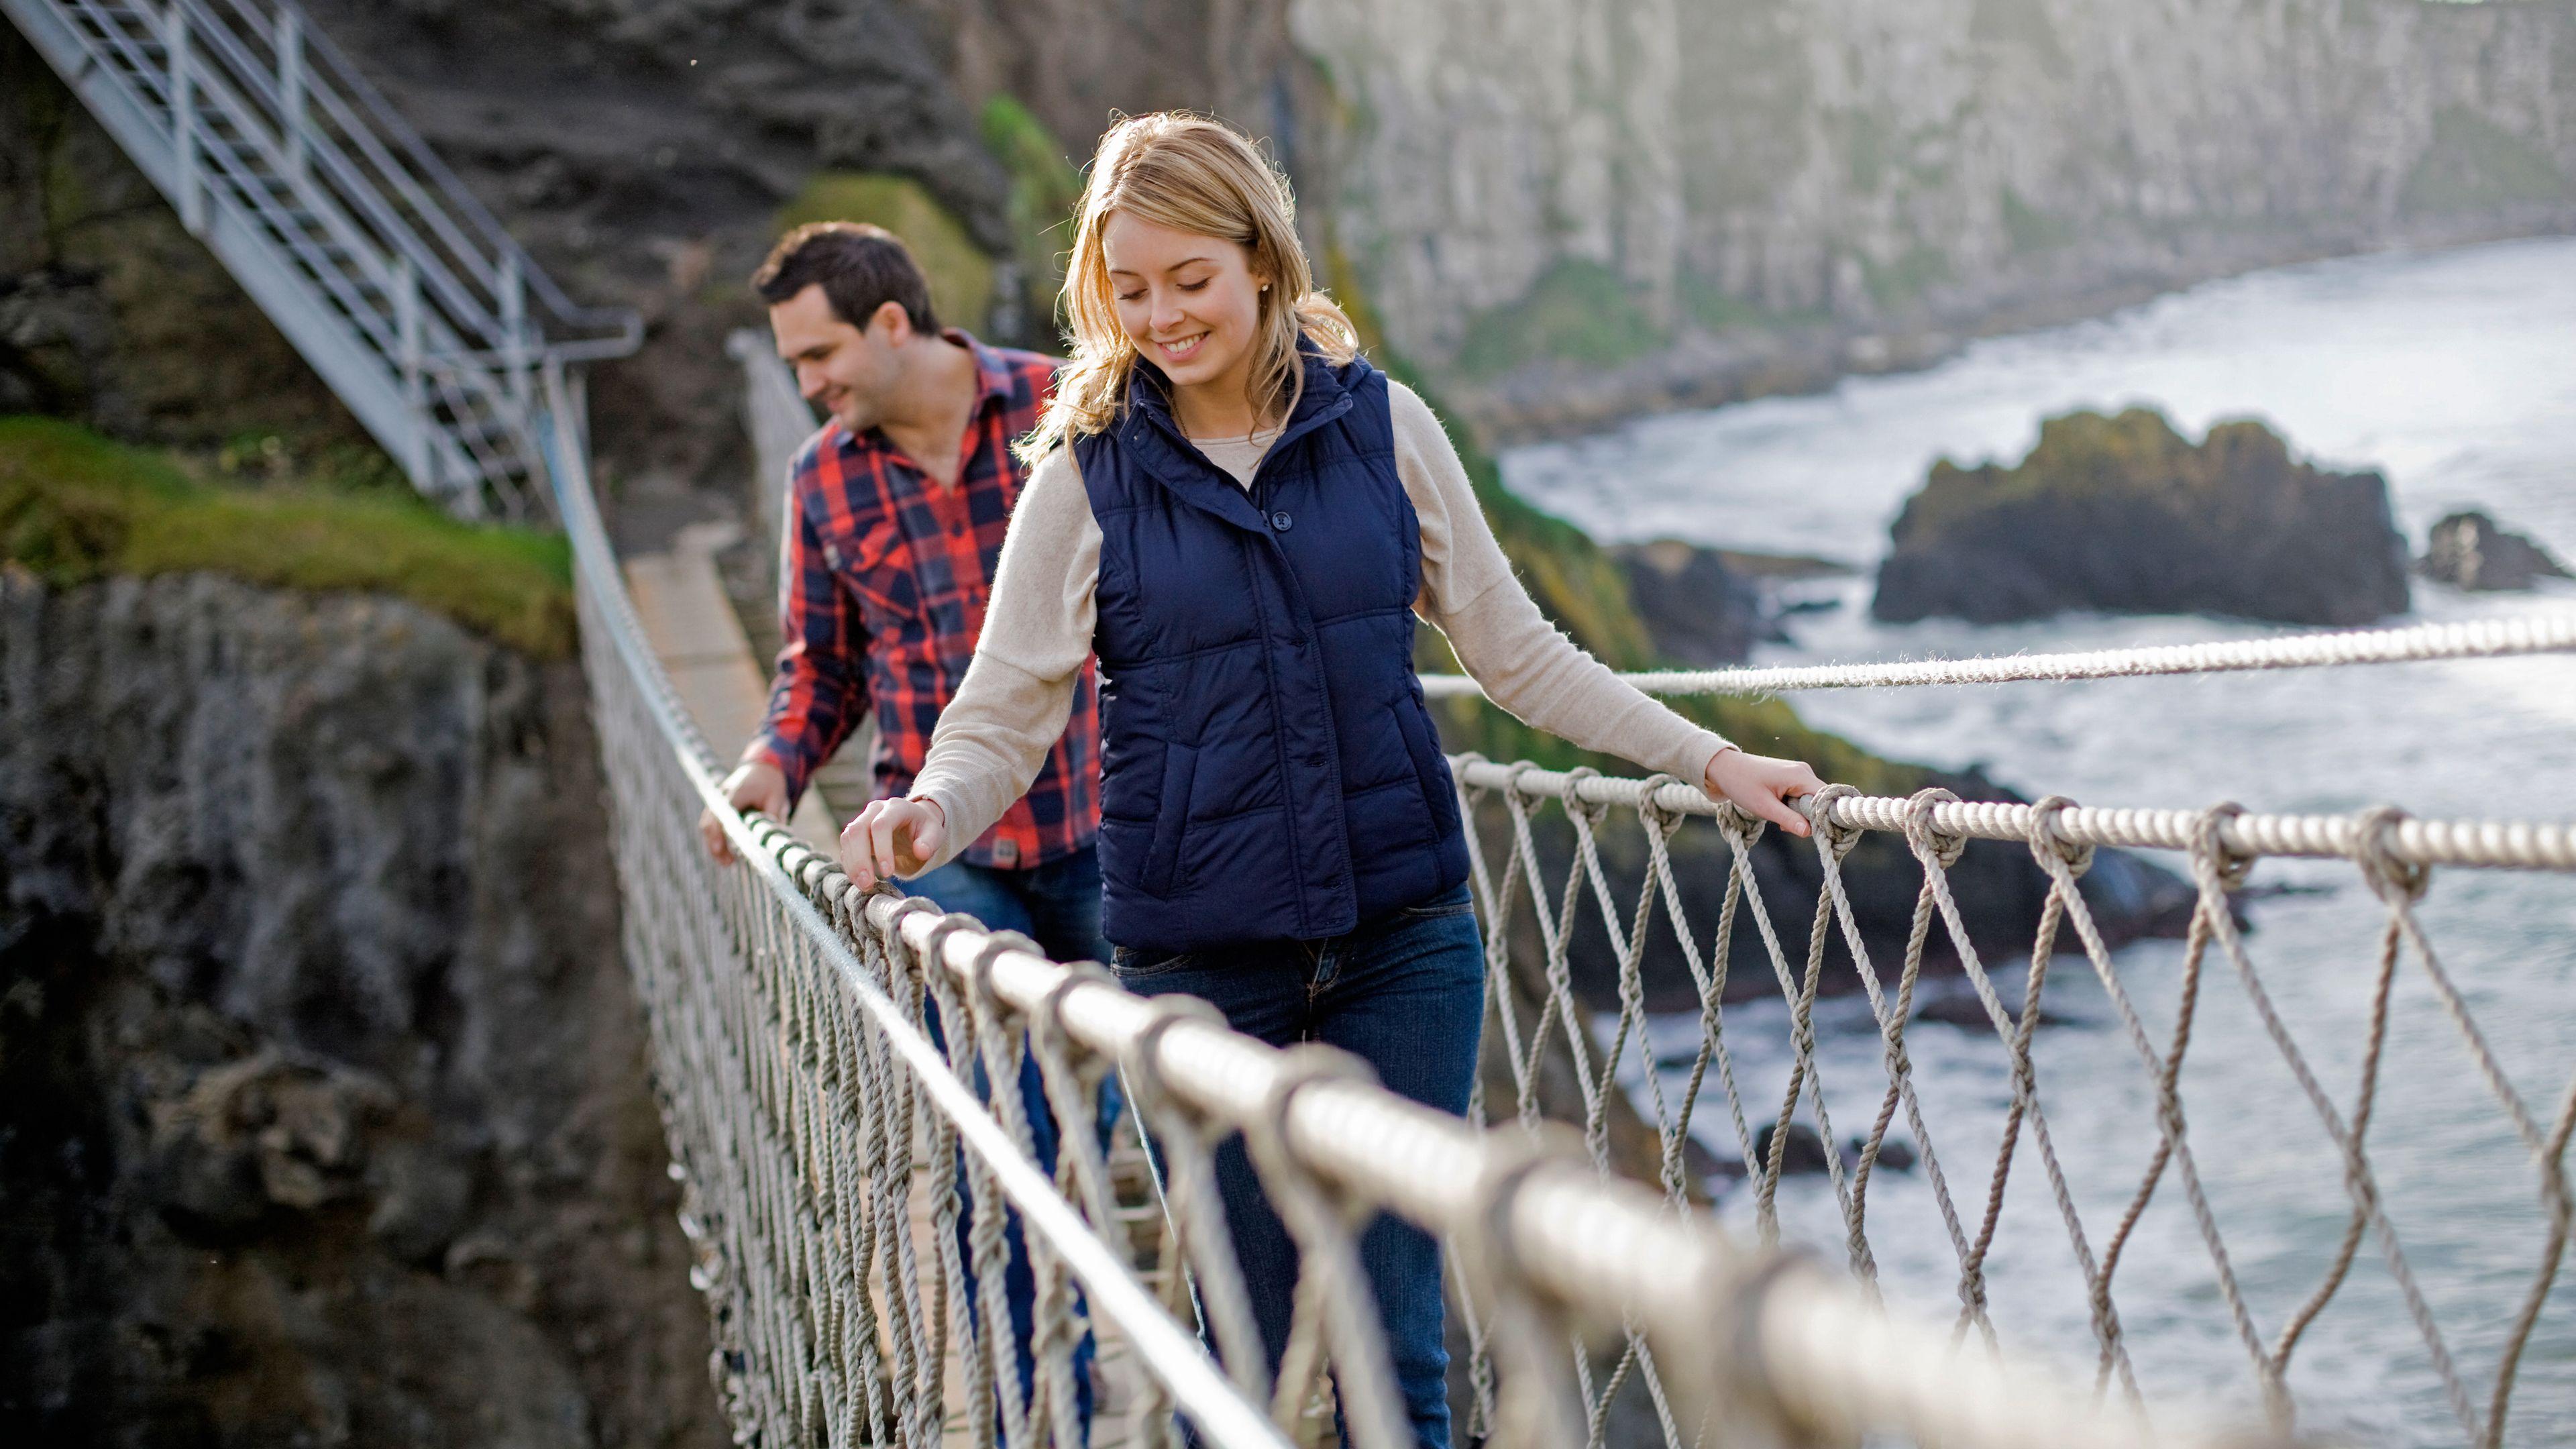 people on rope bridge